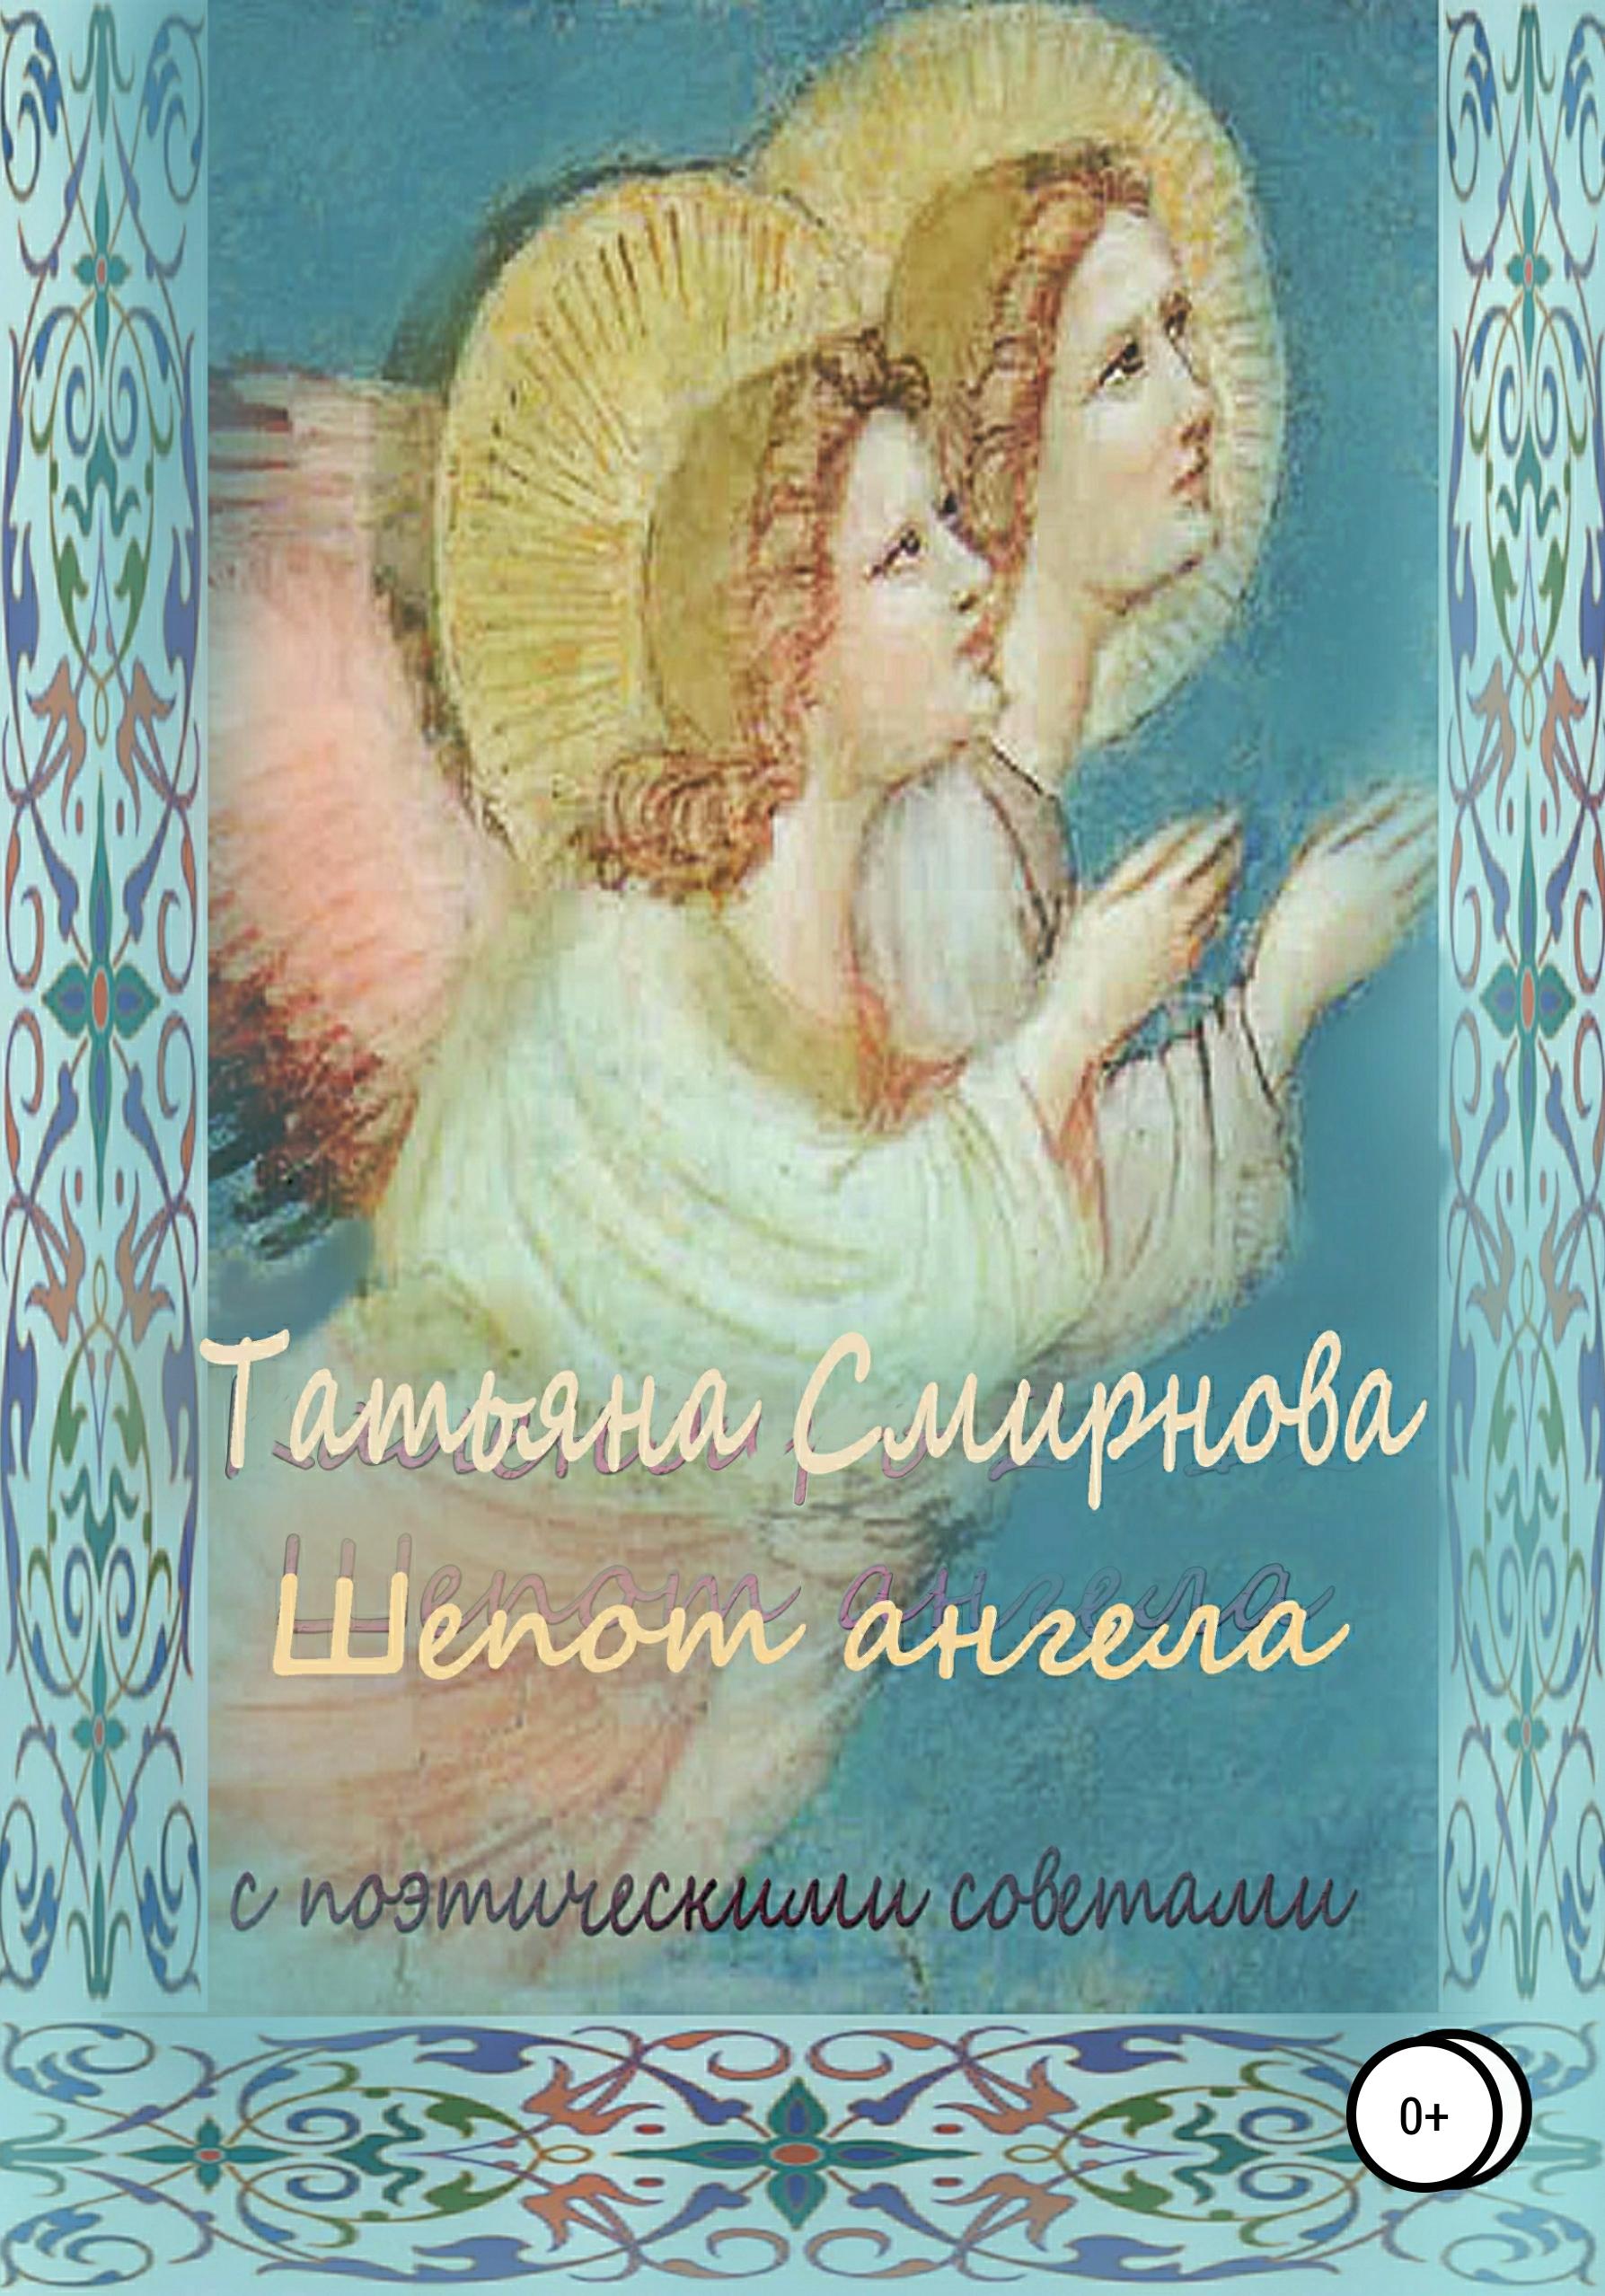 купить Татьяна Андреевна Смирнова Шепот Ангела по цене 19.99 рублей